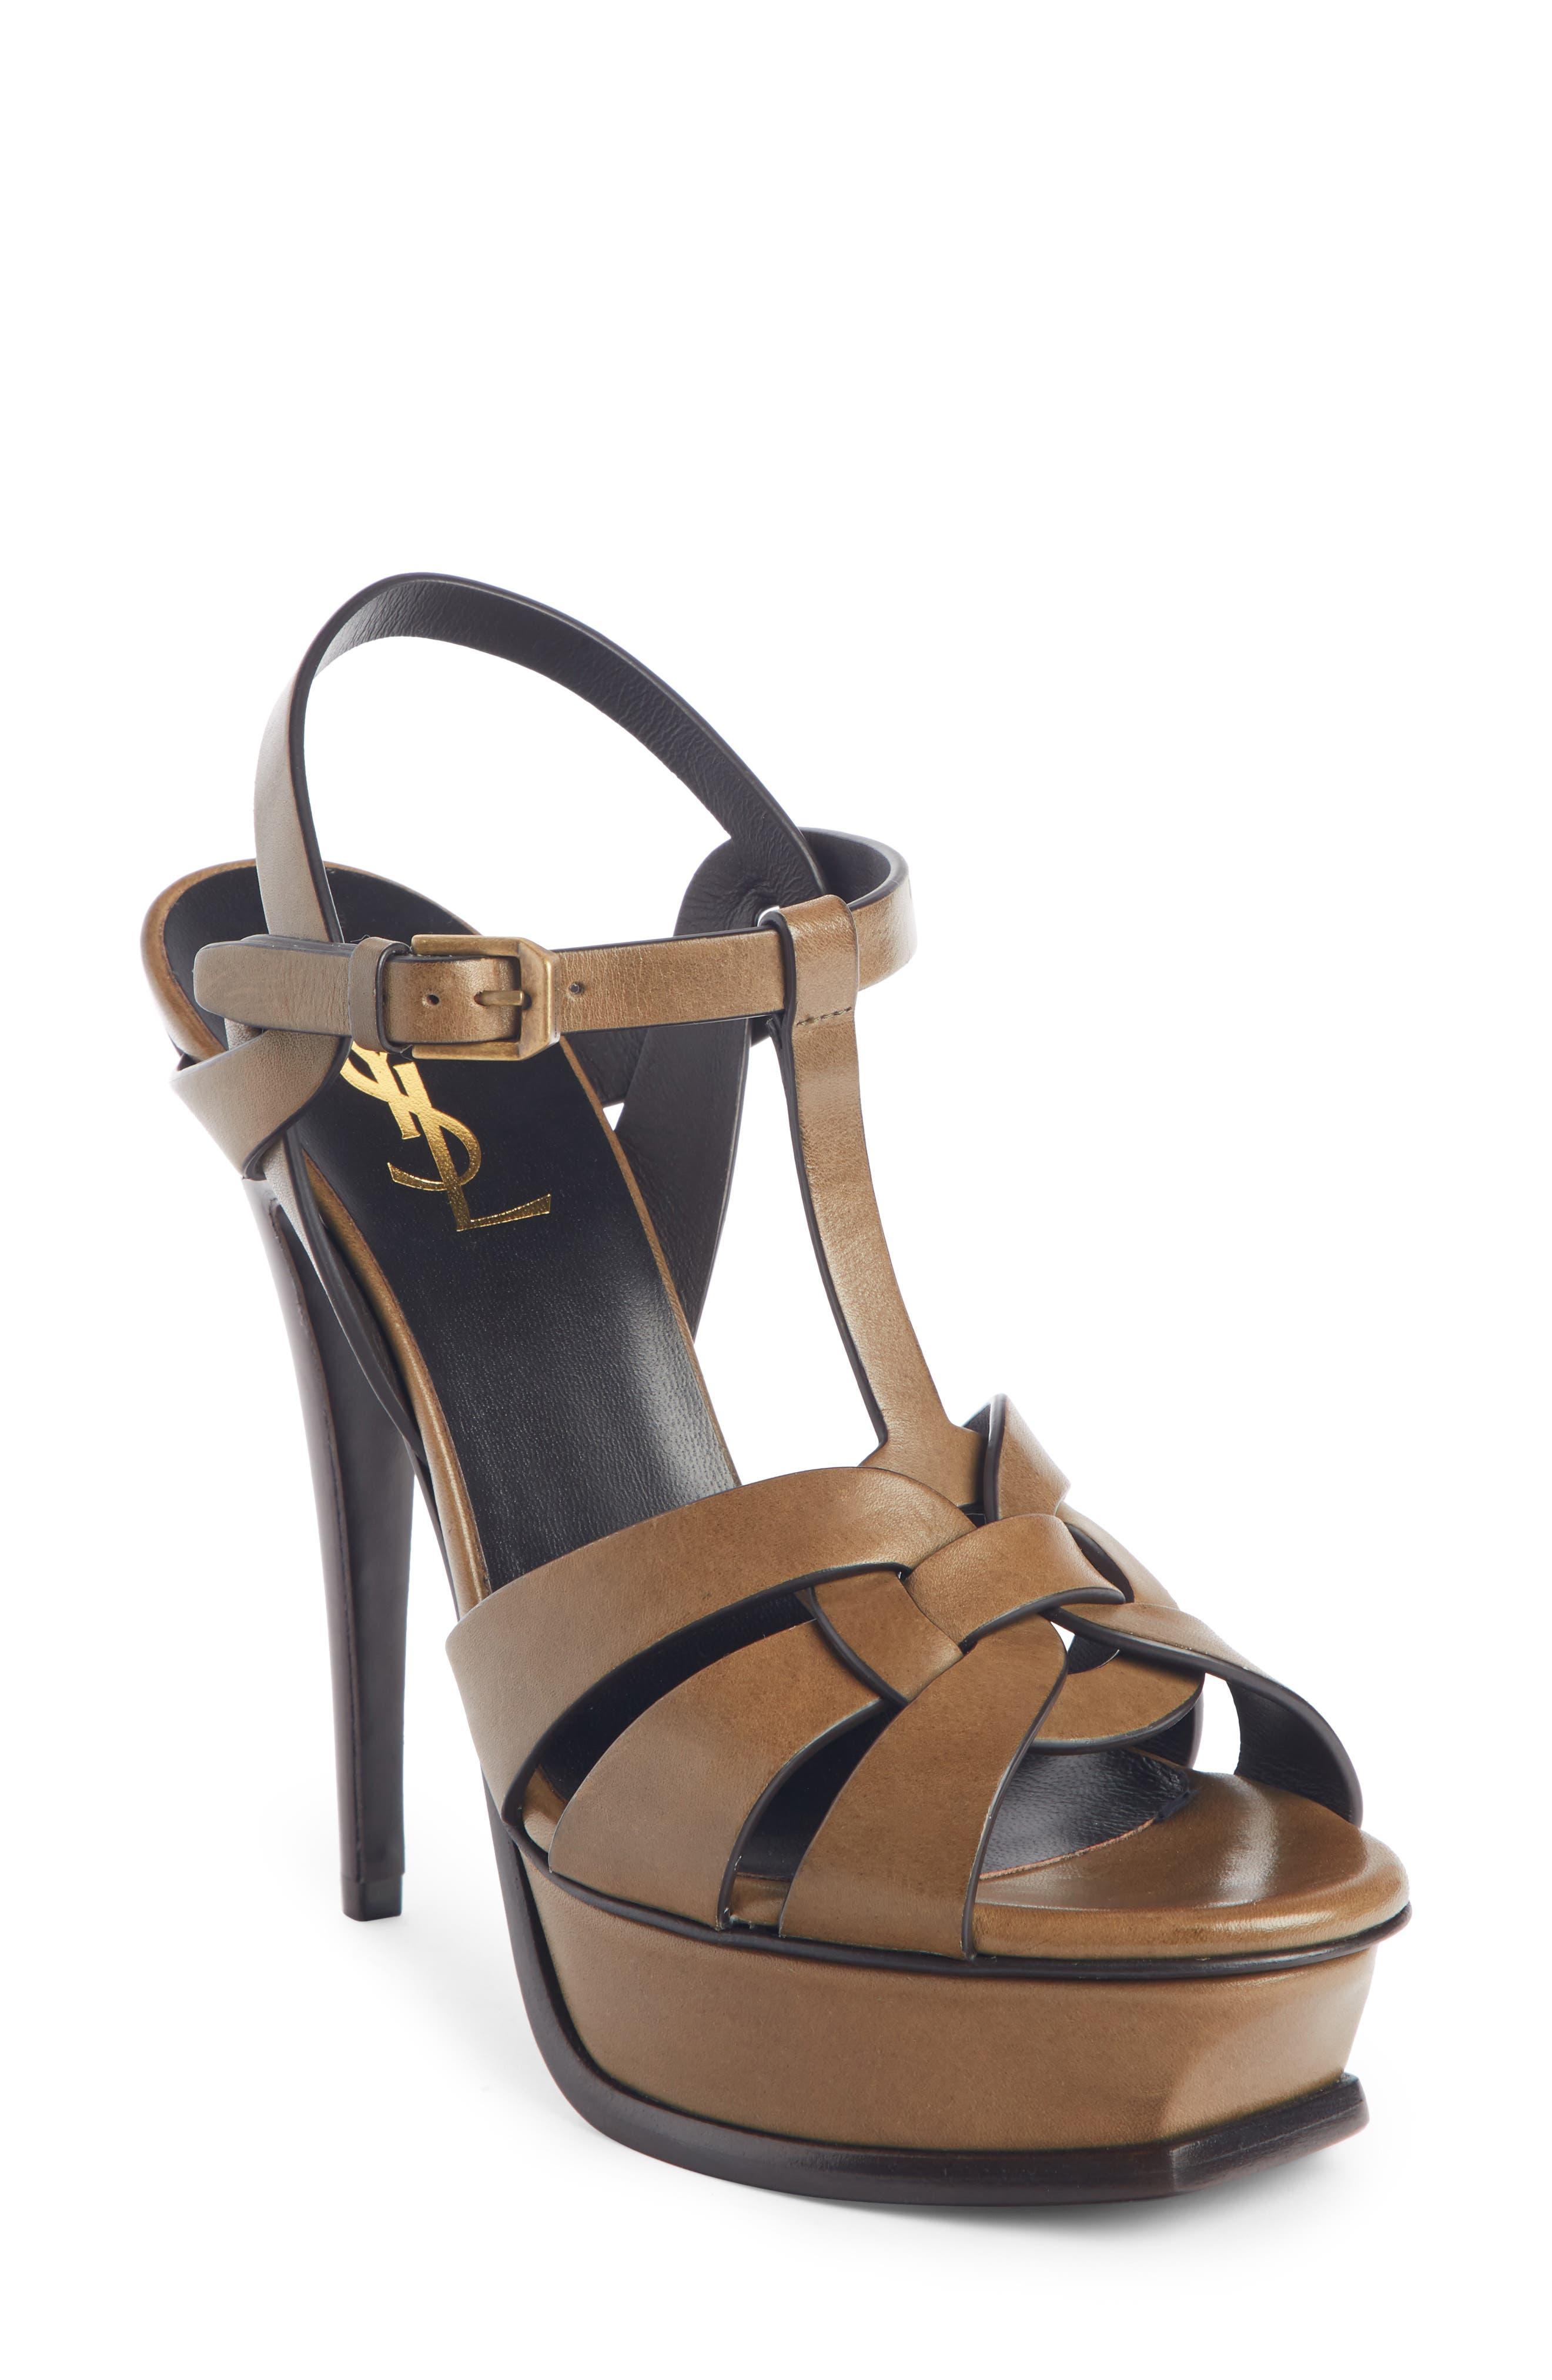 SAINT LAURENT Tribute Platform Sandal, Main, color, TUNDRA